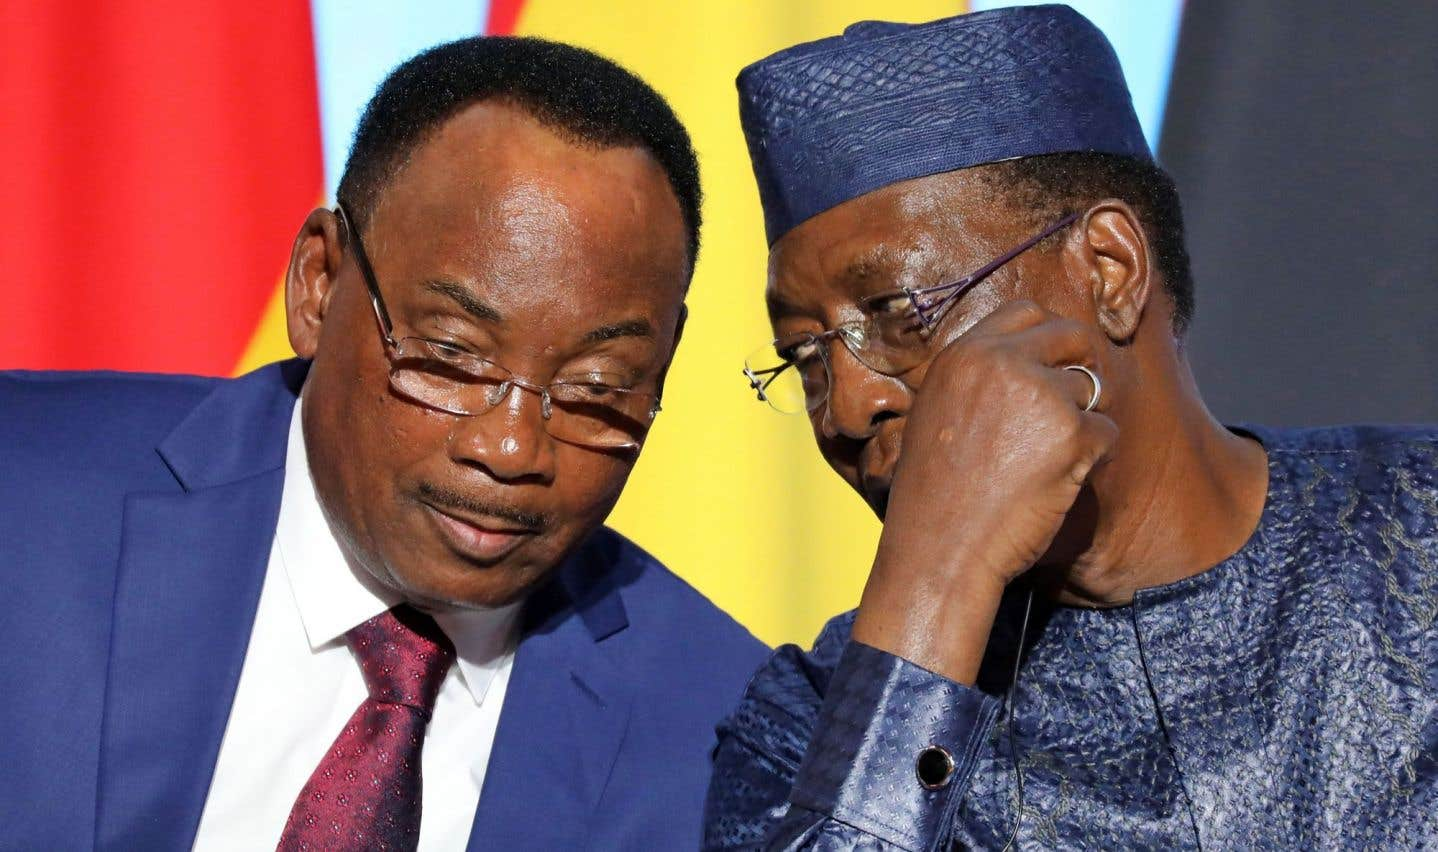 Les présidents du Niger, Mahamadou Issoufou, et du Tchad, Idriss Deby, lors du minisommet sur la crise migratoire à Paris, lundi